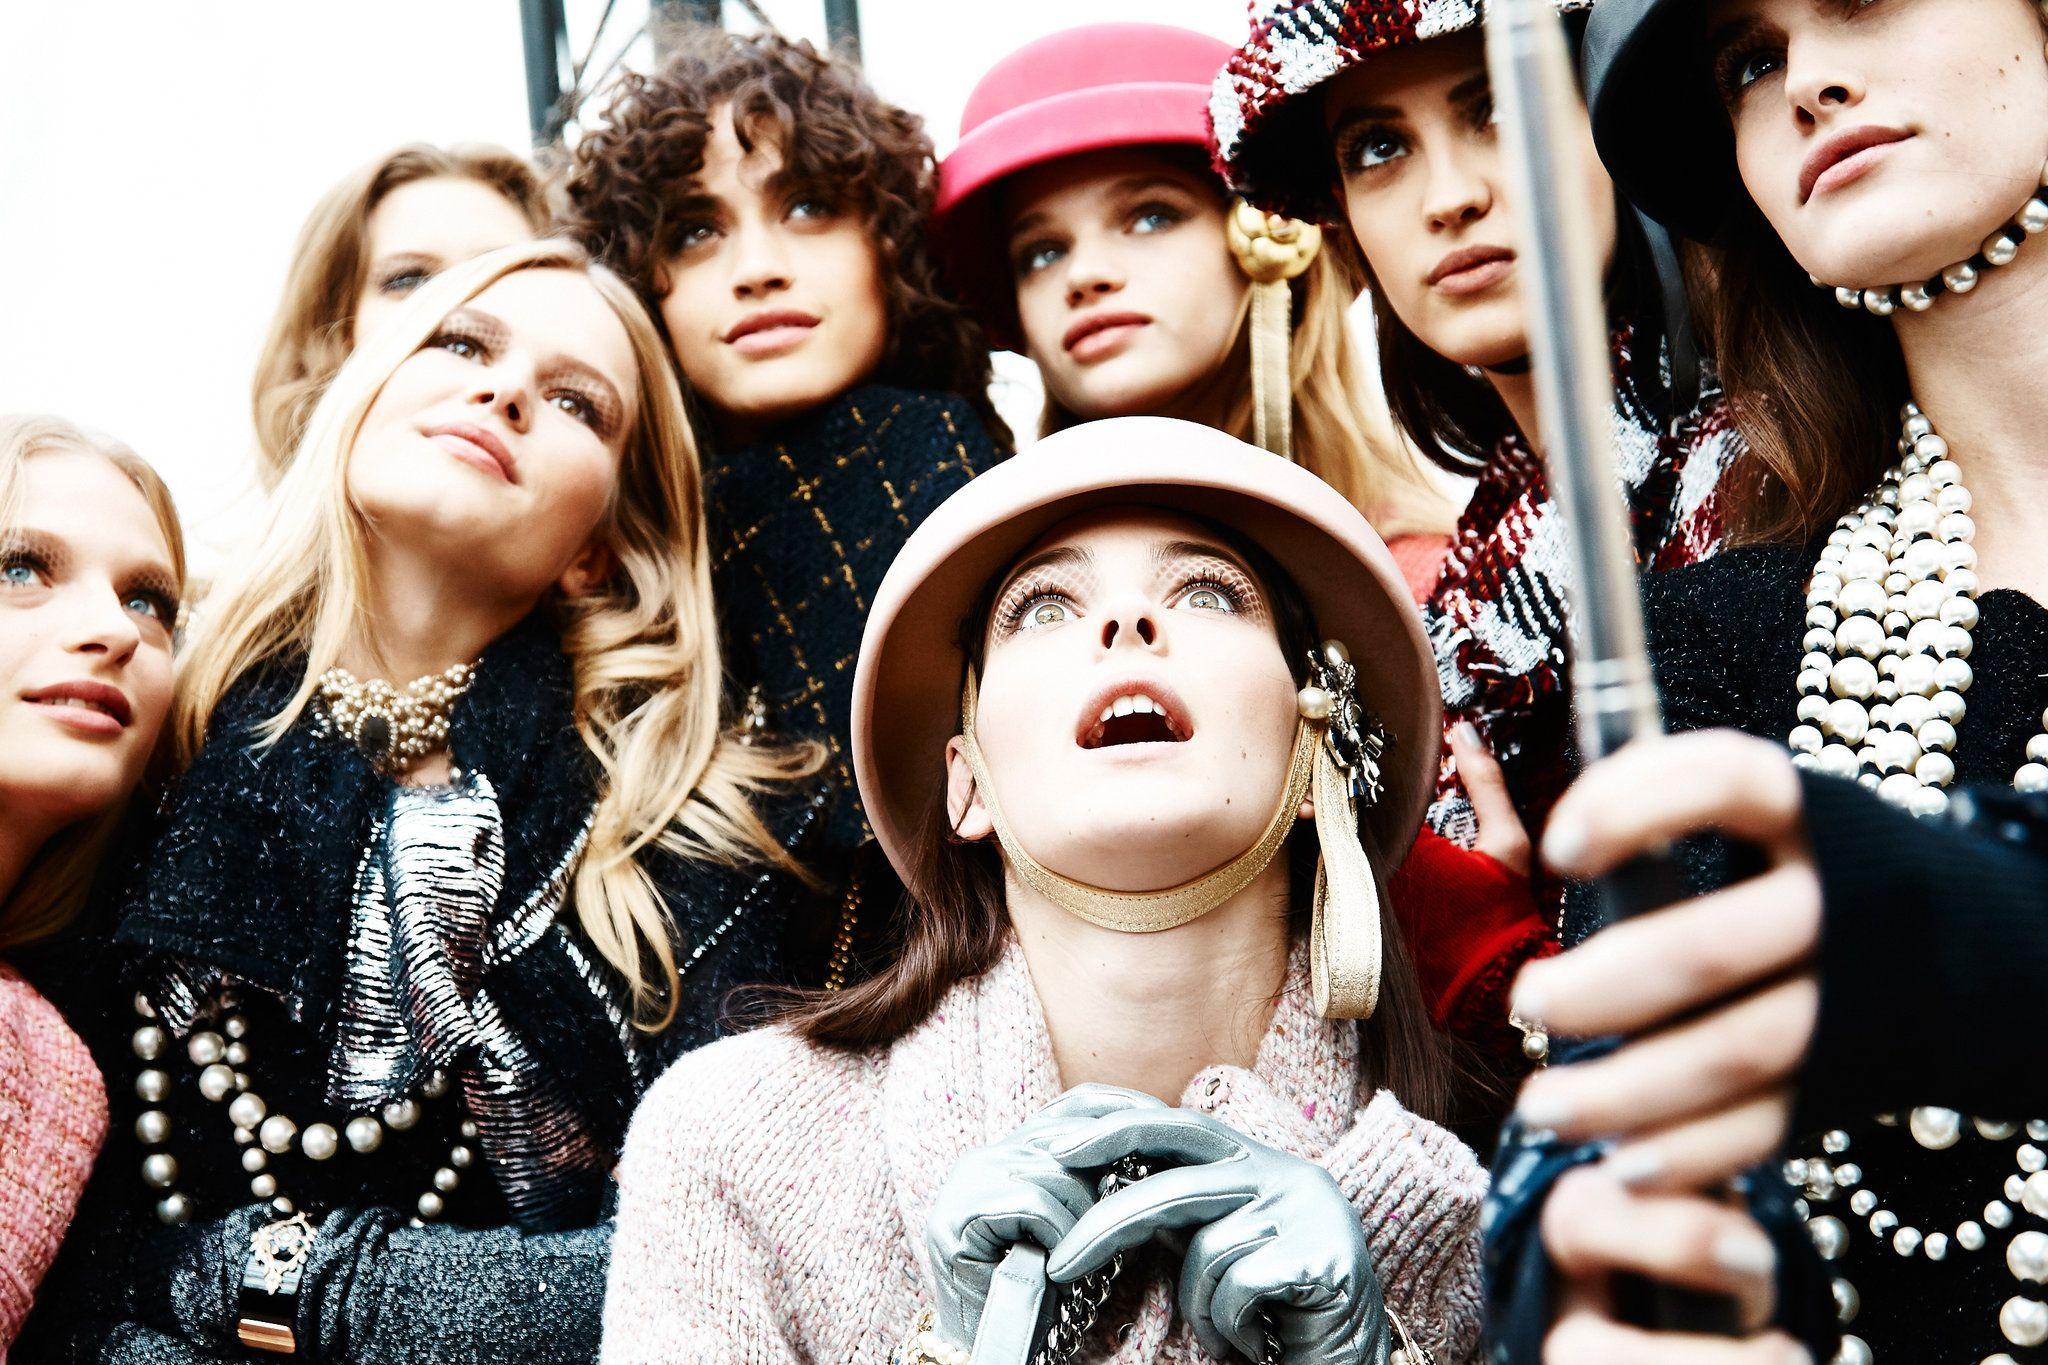 At Paris Fashion Week, Karl Lagerfeld presented layers of tweed, piles of pearls, ladylike gloves, prim handbags and delightful bags.